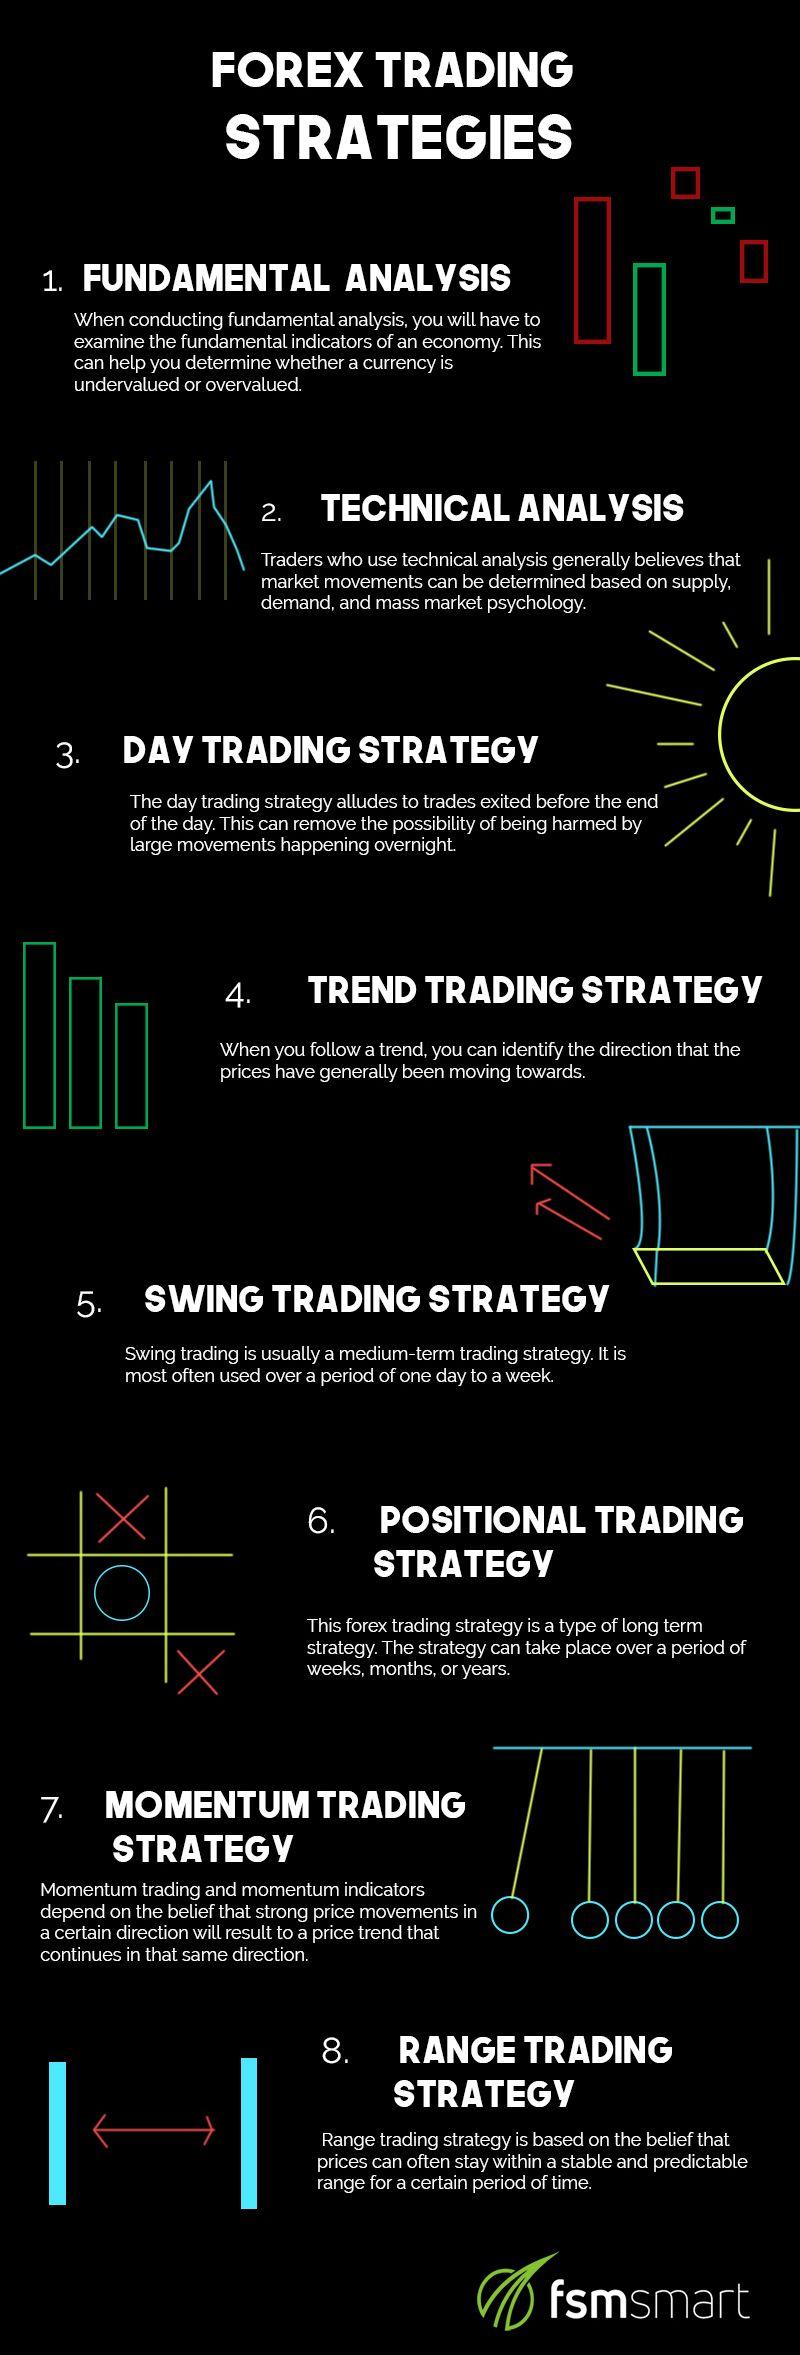 Teknik Trading Simpel, Cukup 30 Menit Per Hari - Artikel Forex